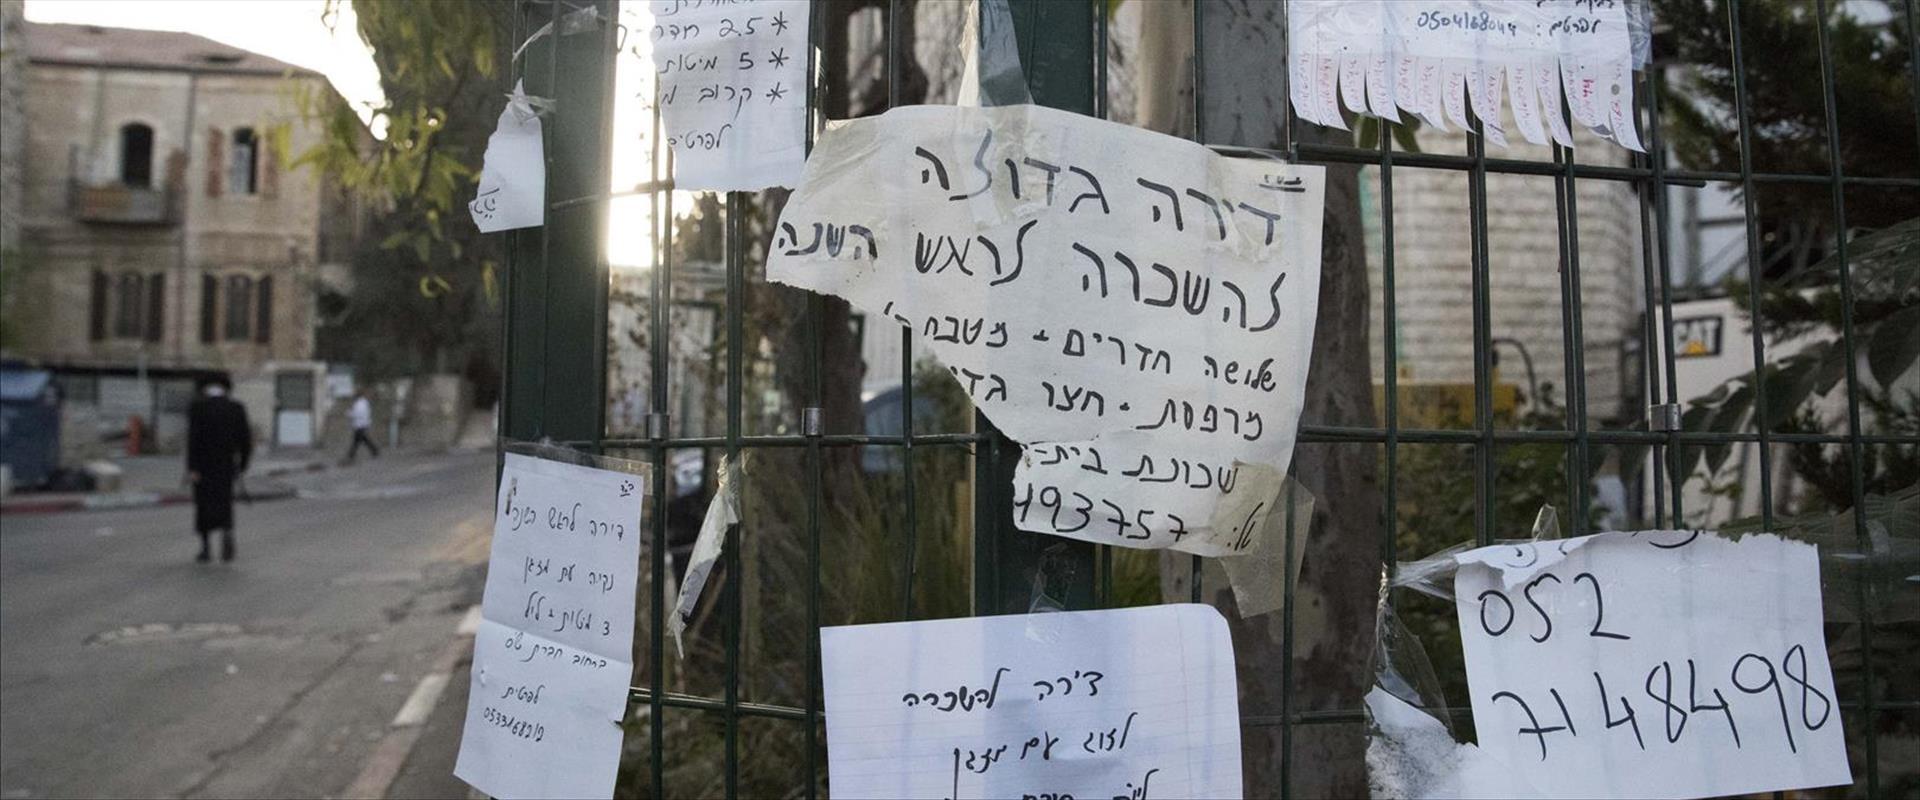 שלטים לדירות להשכרה בירושלים